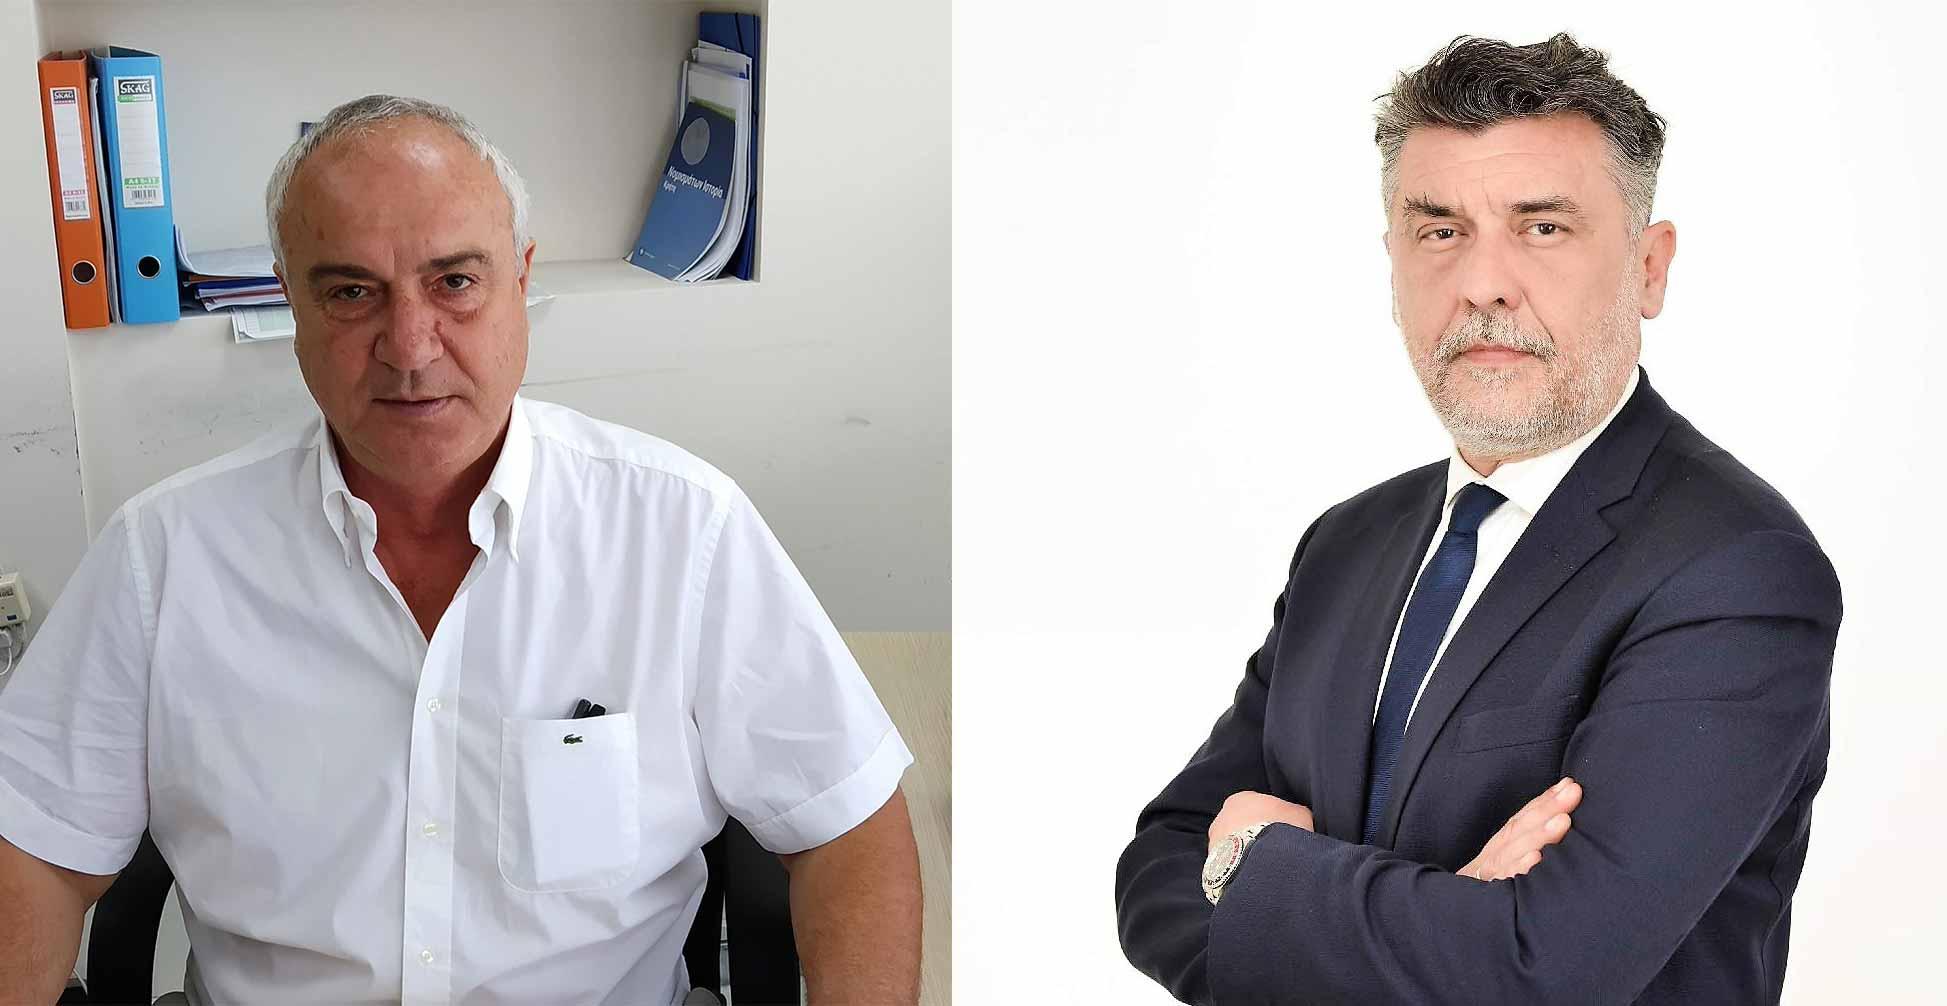 Οι εκπρόσωποι του Δήμου Κιλελέρ στη Γενική Συνέλευση της Π.Ε.Δ. Θεσσαλίας